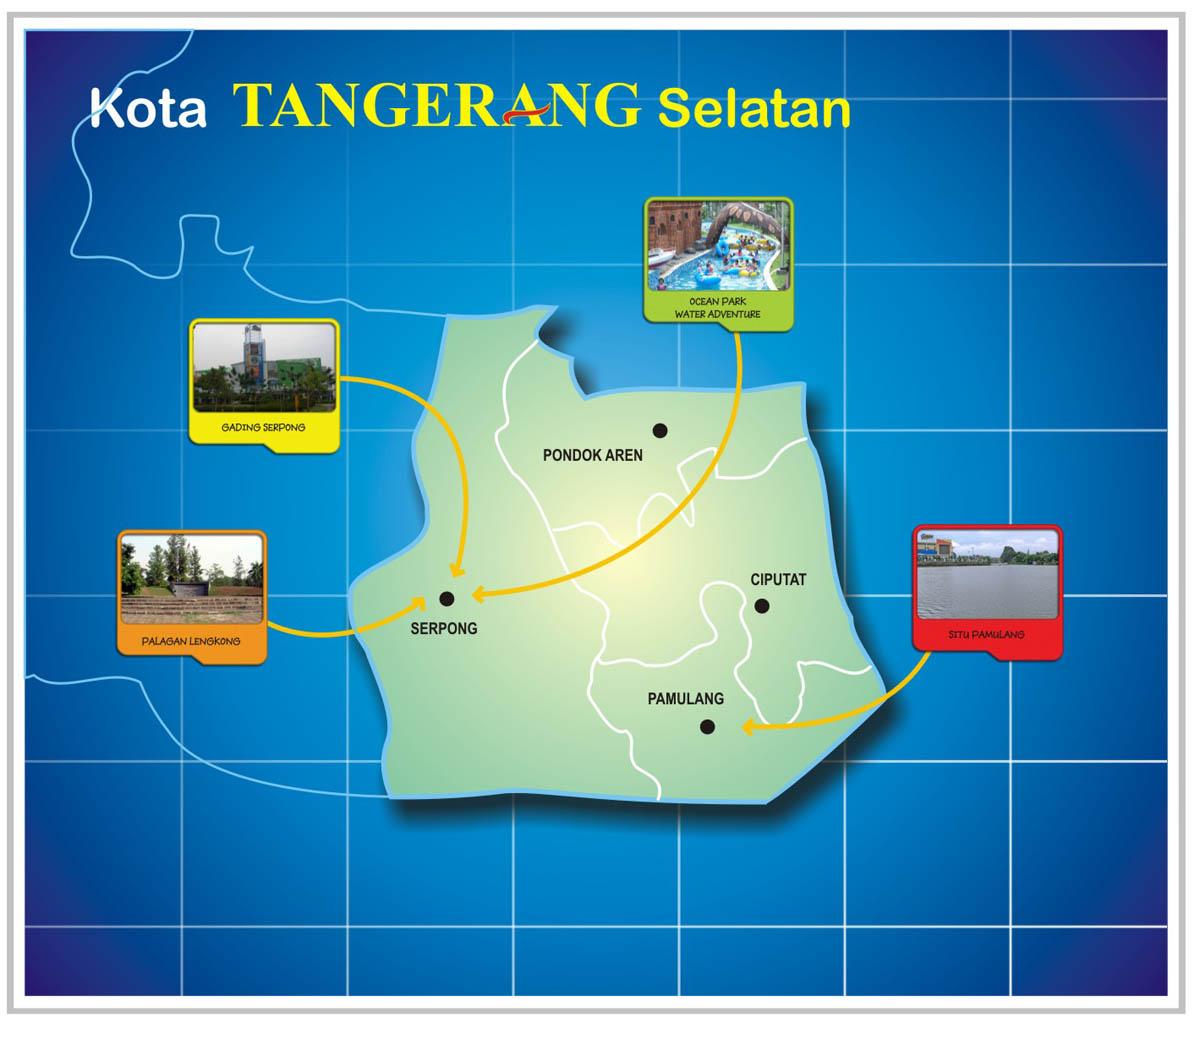 Menghabiskan Waktu Libur Kota Tangerang Wisata Jakarta Menikmati Liburan Selatan